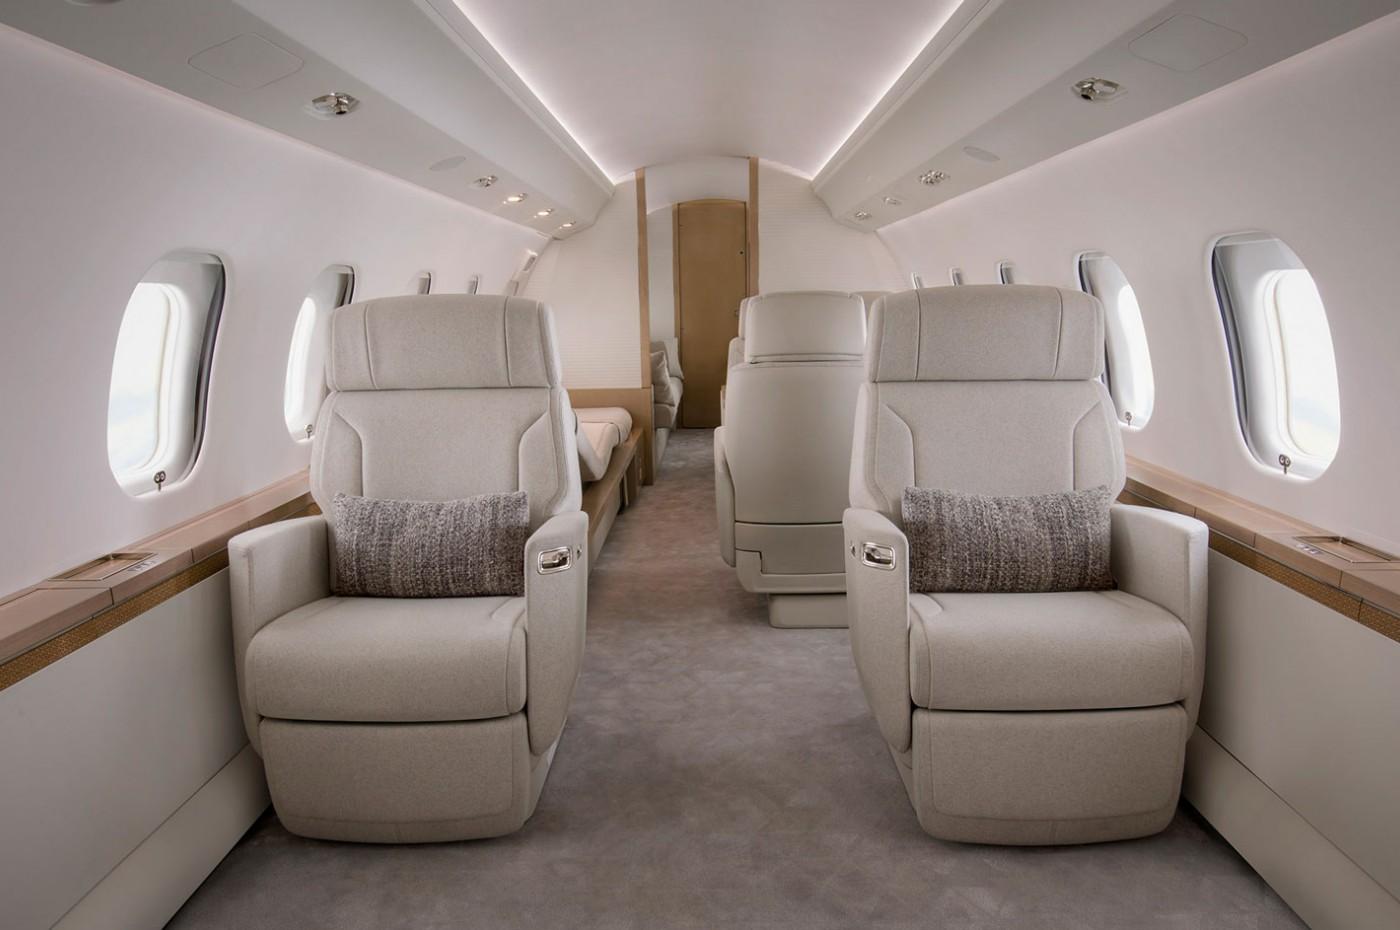 Global 6500 Club Suite